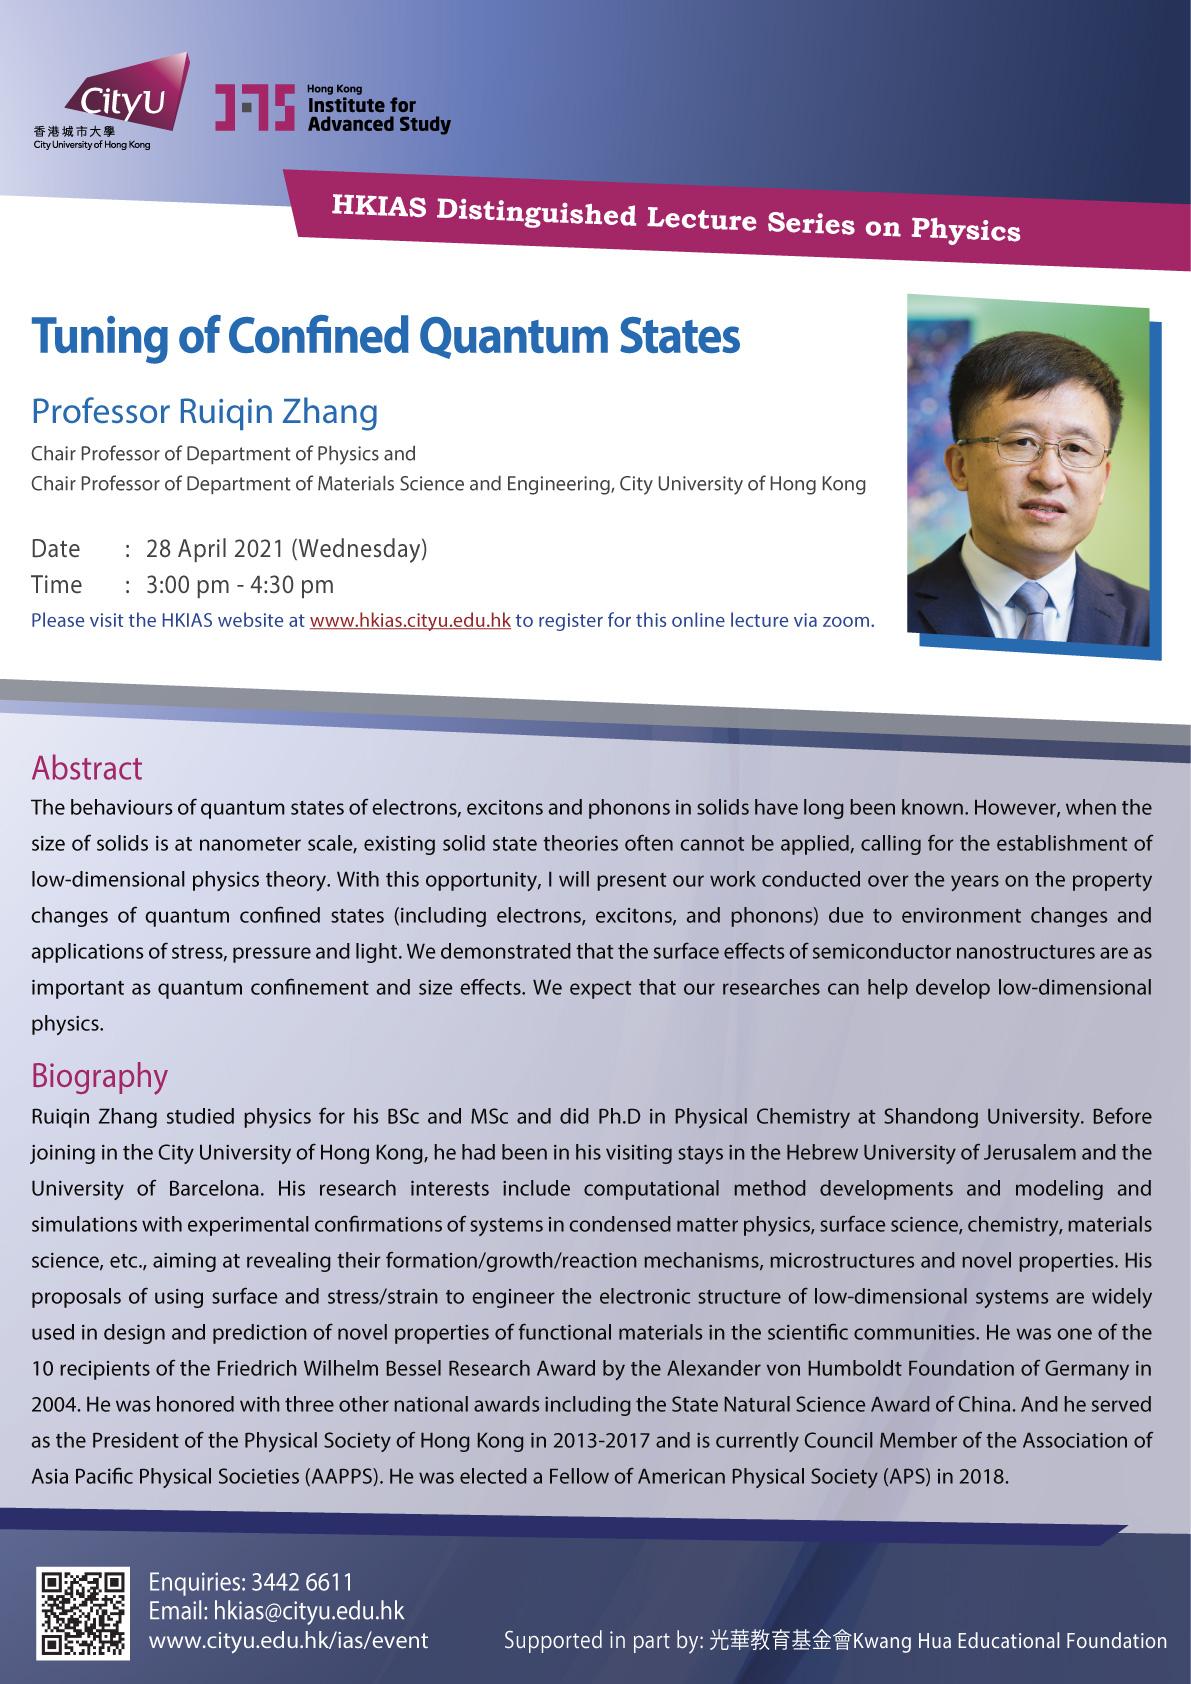 Tuning of Confined Quantum States